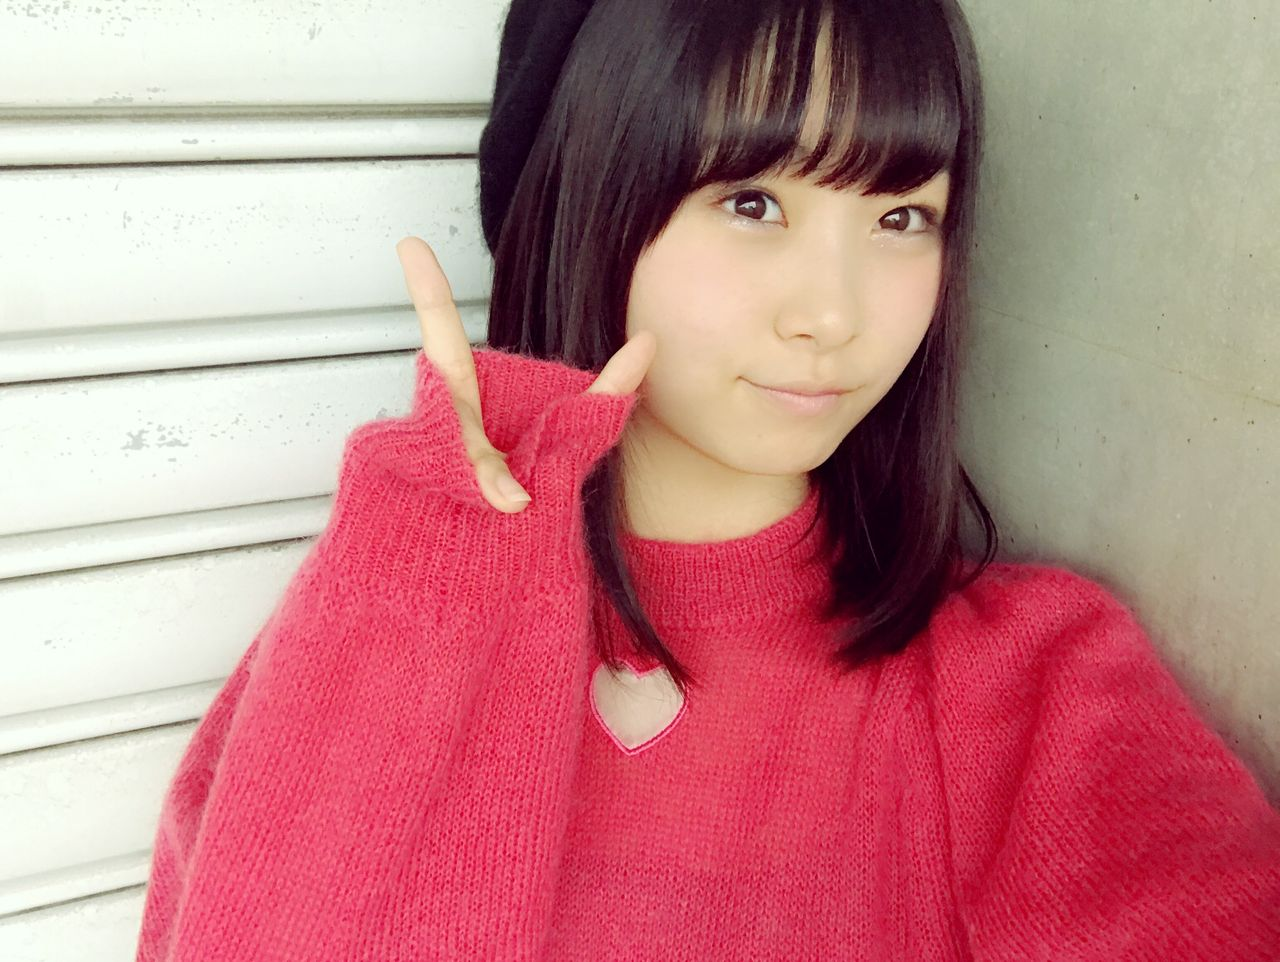 【AKB48】達家真姫宝がめっちゃかわいくなってる!